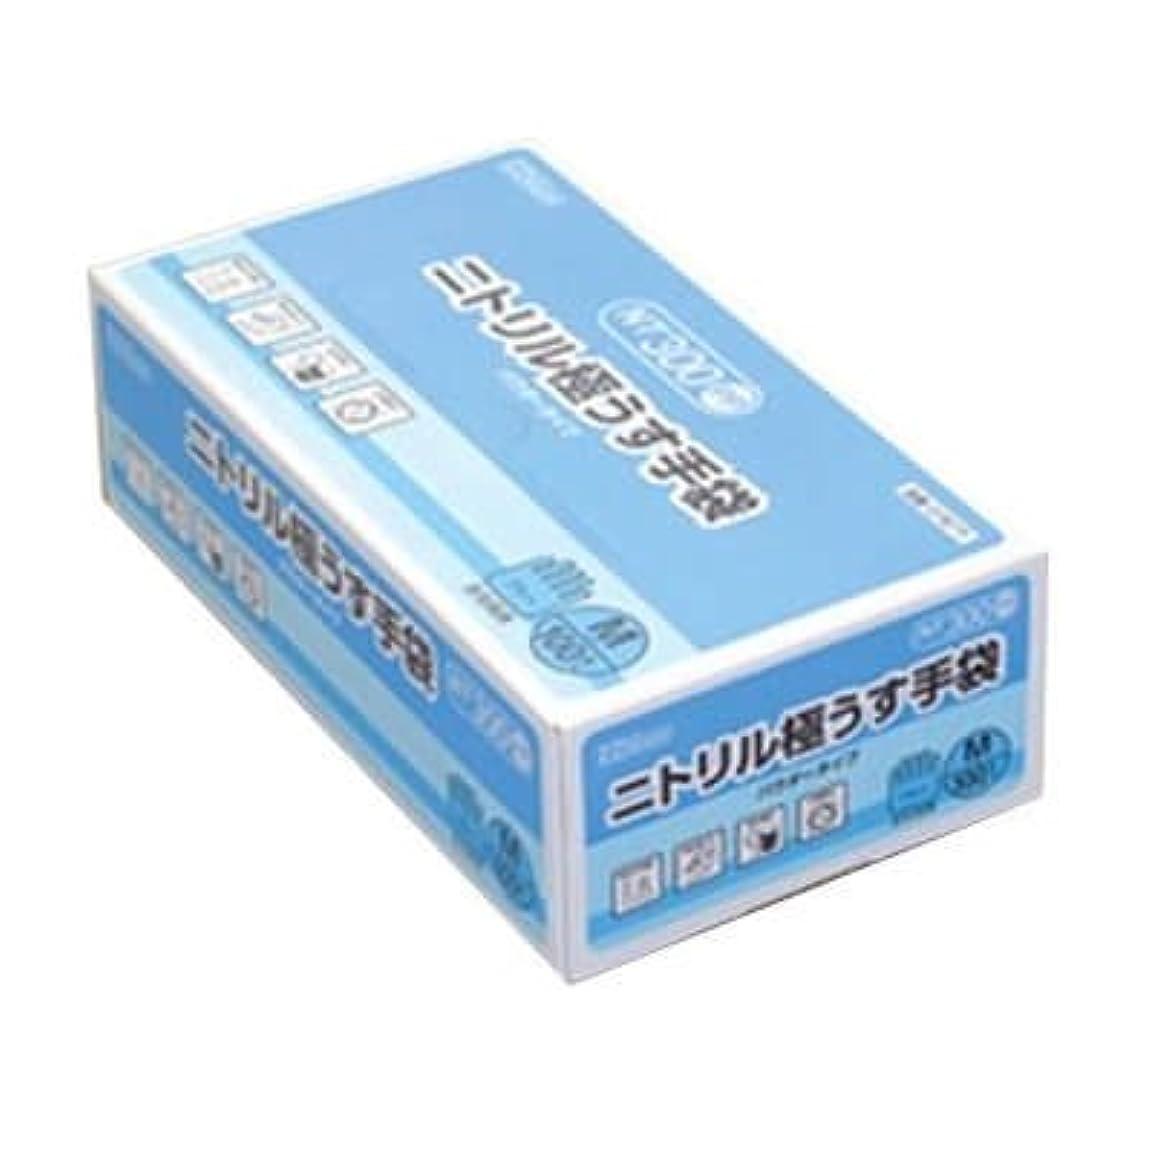 レギュラー不適当不正直【ケース販売】 ダンロップ ニトリル極うす手袋 粉付 M ブルー NT-300 (100枚入×20箱)